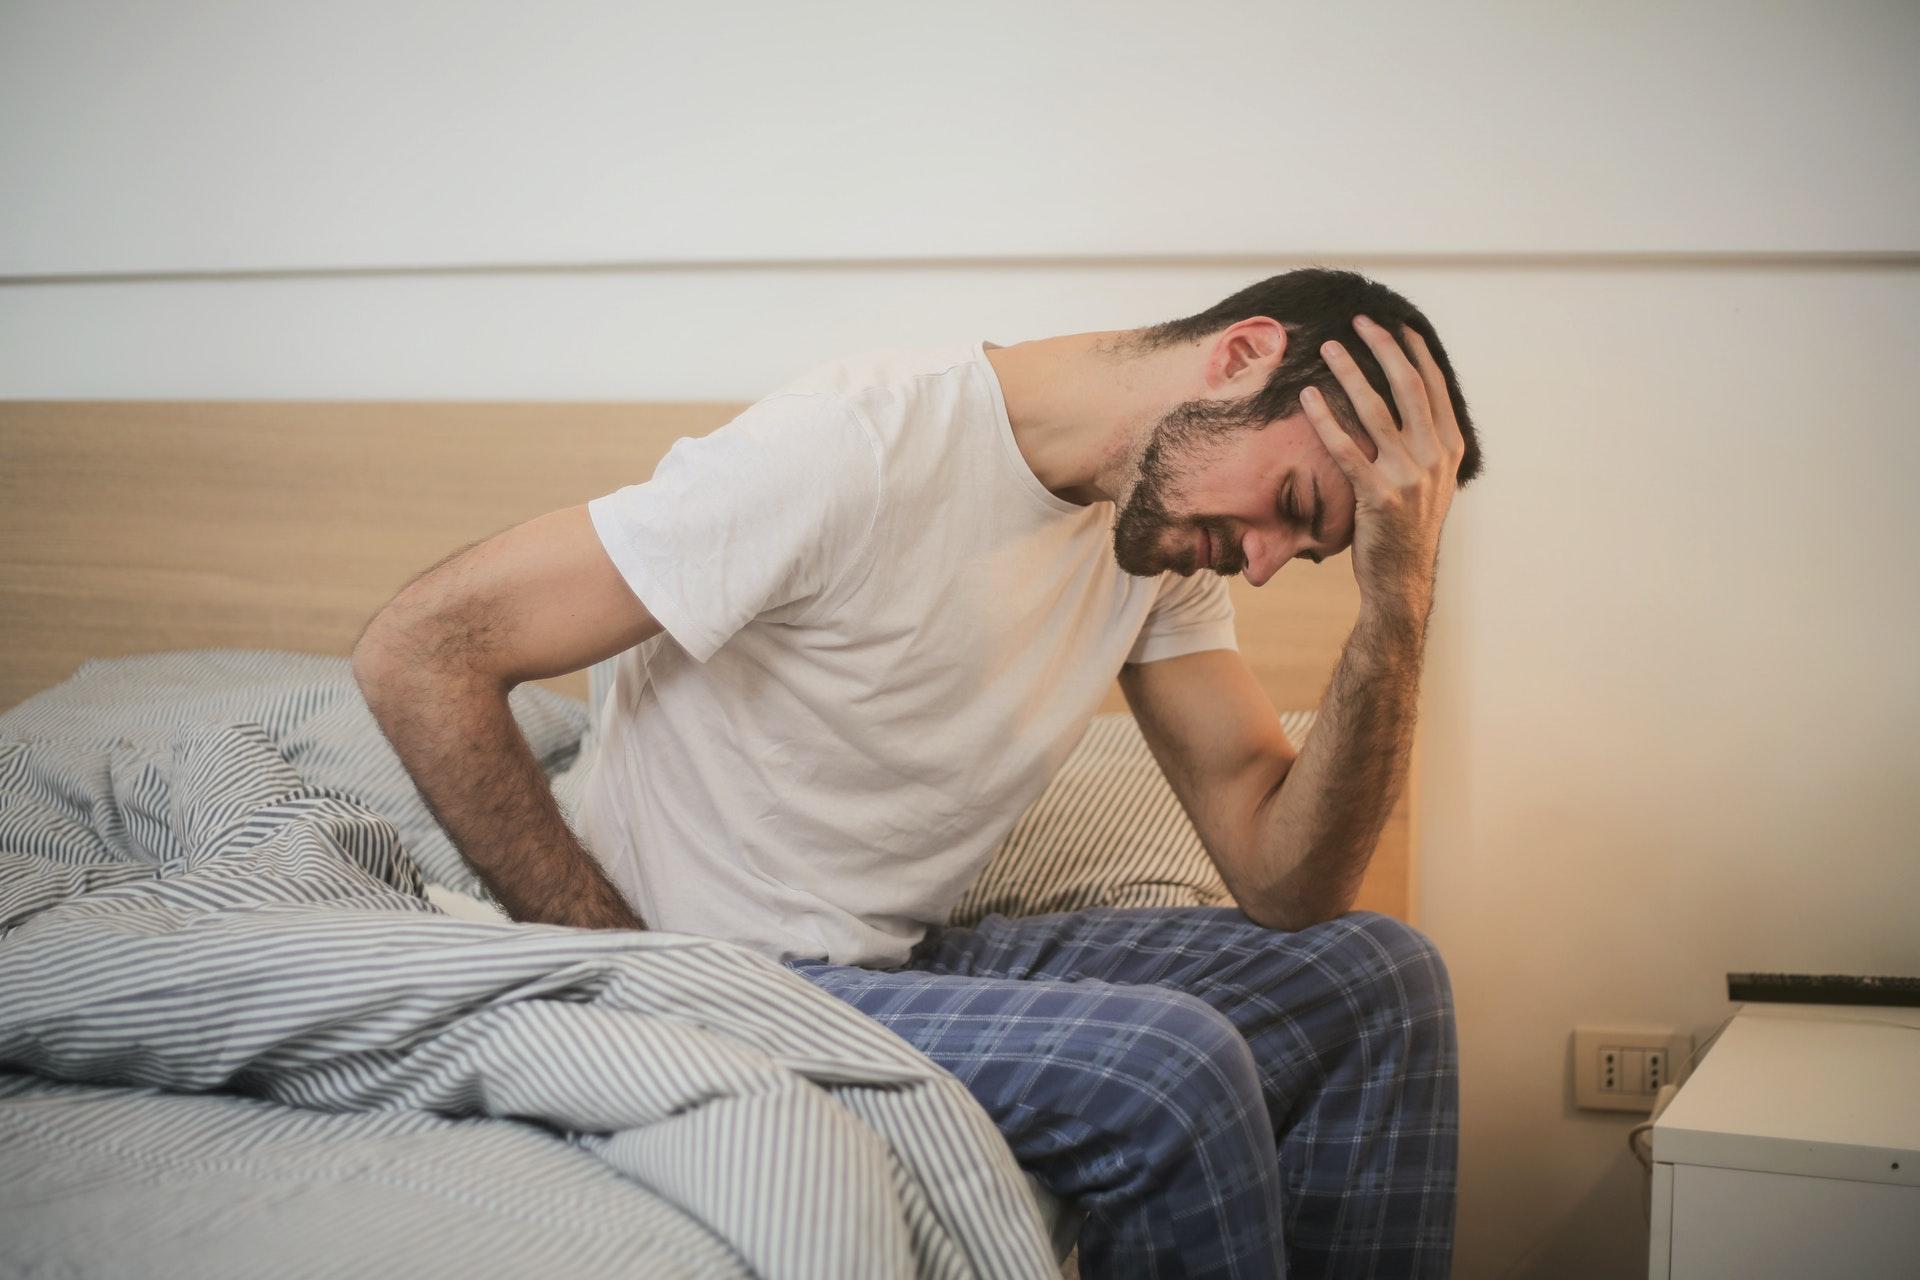 Врач-диетолог Михаил Гинзбург сказал, что острая пища помогает справиться с головной болью